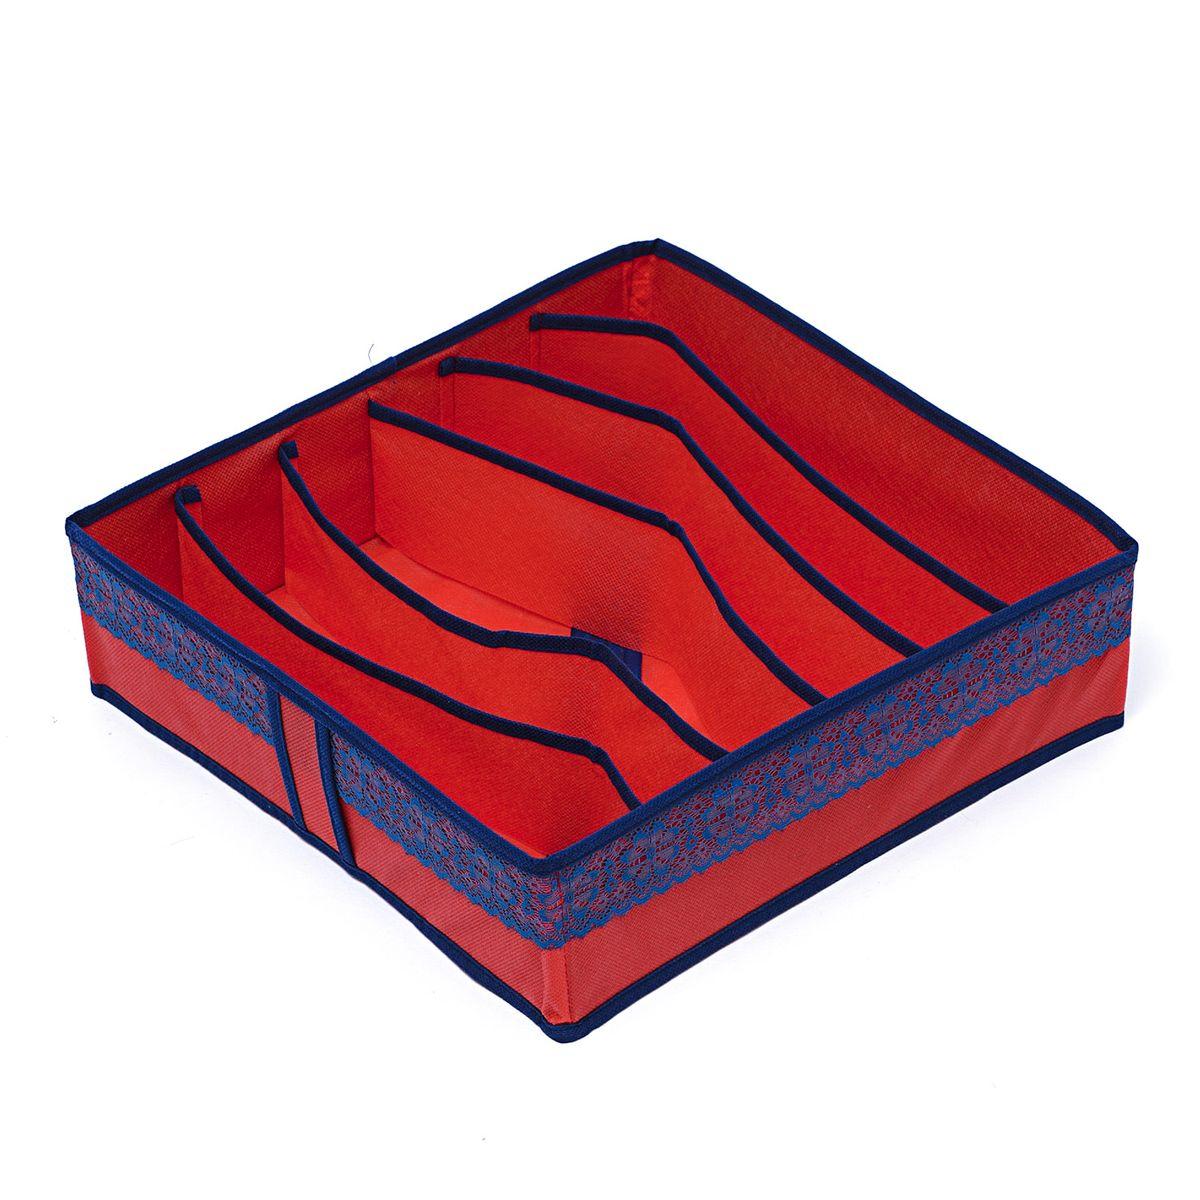 Органайзер для хранения вещей Homsu Rosso, 6 ячеек, 35 x 35 x 10 см09840-20.000.00Компактный органайзер Homsu Rosso изготовлен из высококачественного полиэстера, который обеспечивает естественную вентиляцию. Материал позволяет воздуху свободно проникать внутрь, но не пропускает пыль. Органайзер отлично держит форму, благодаря вставкам из плотного картона. Изделие имеет 6 ячеек для хранения нижнего белья, колготок, носков и другой одежды.Такой органайзер позволит вам хранить вещи компактно и удобно, а оригинальный дизайн сделает вашу гардеробную красивой и невероятно стильной.